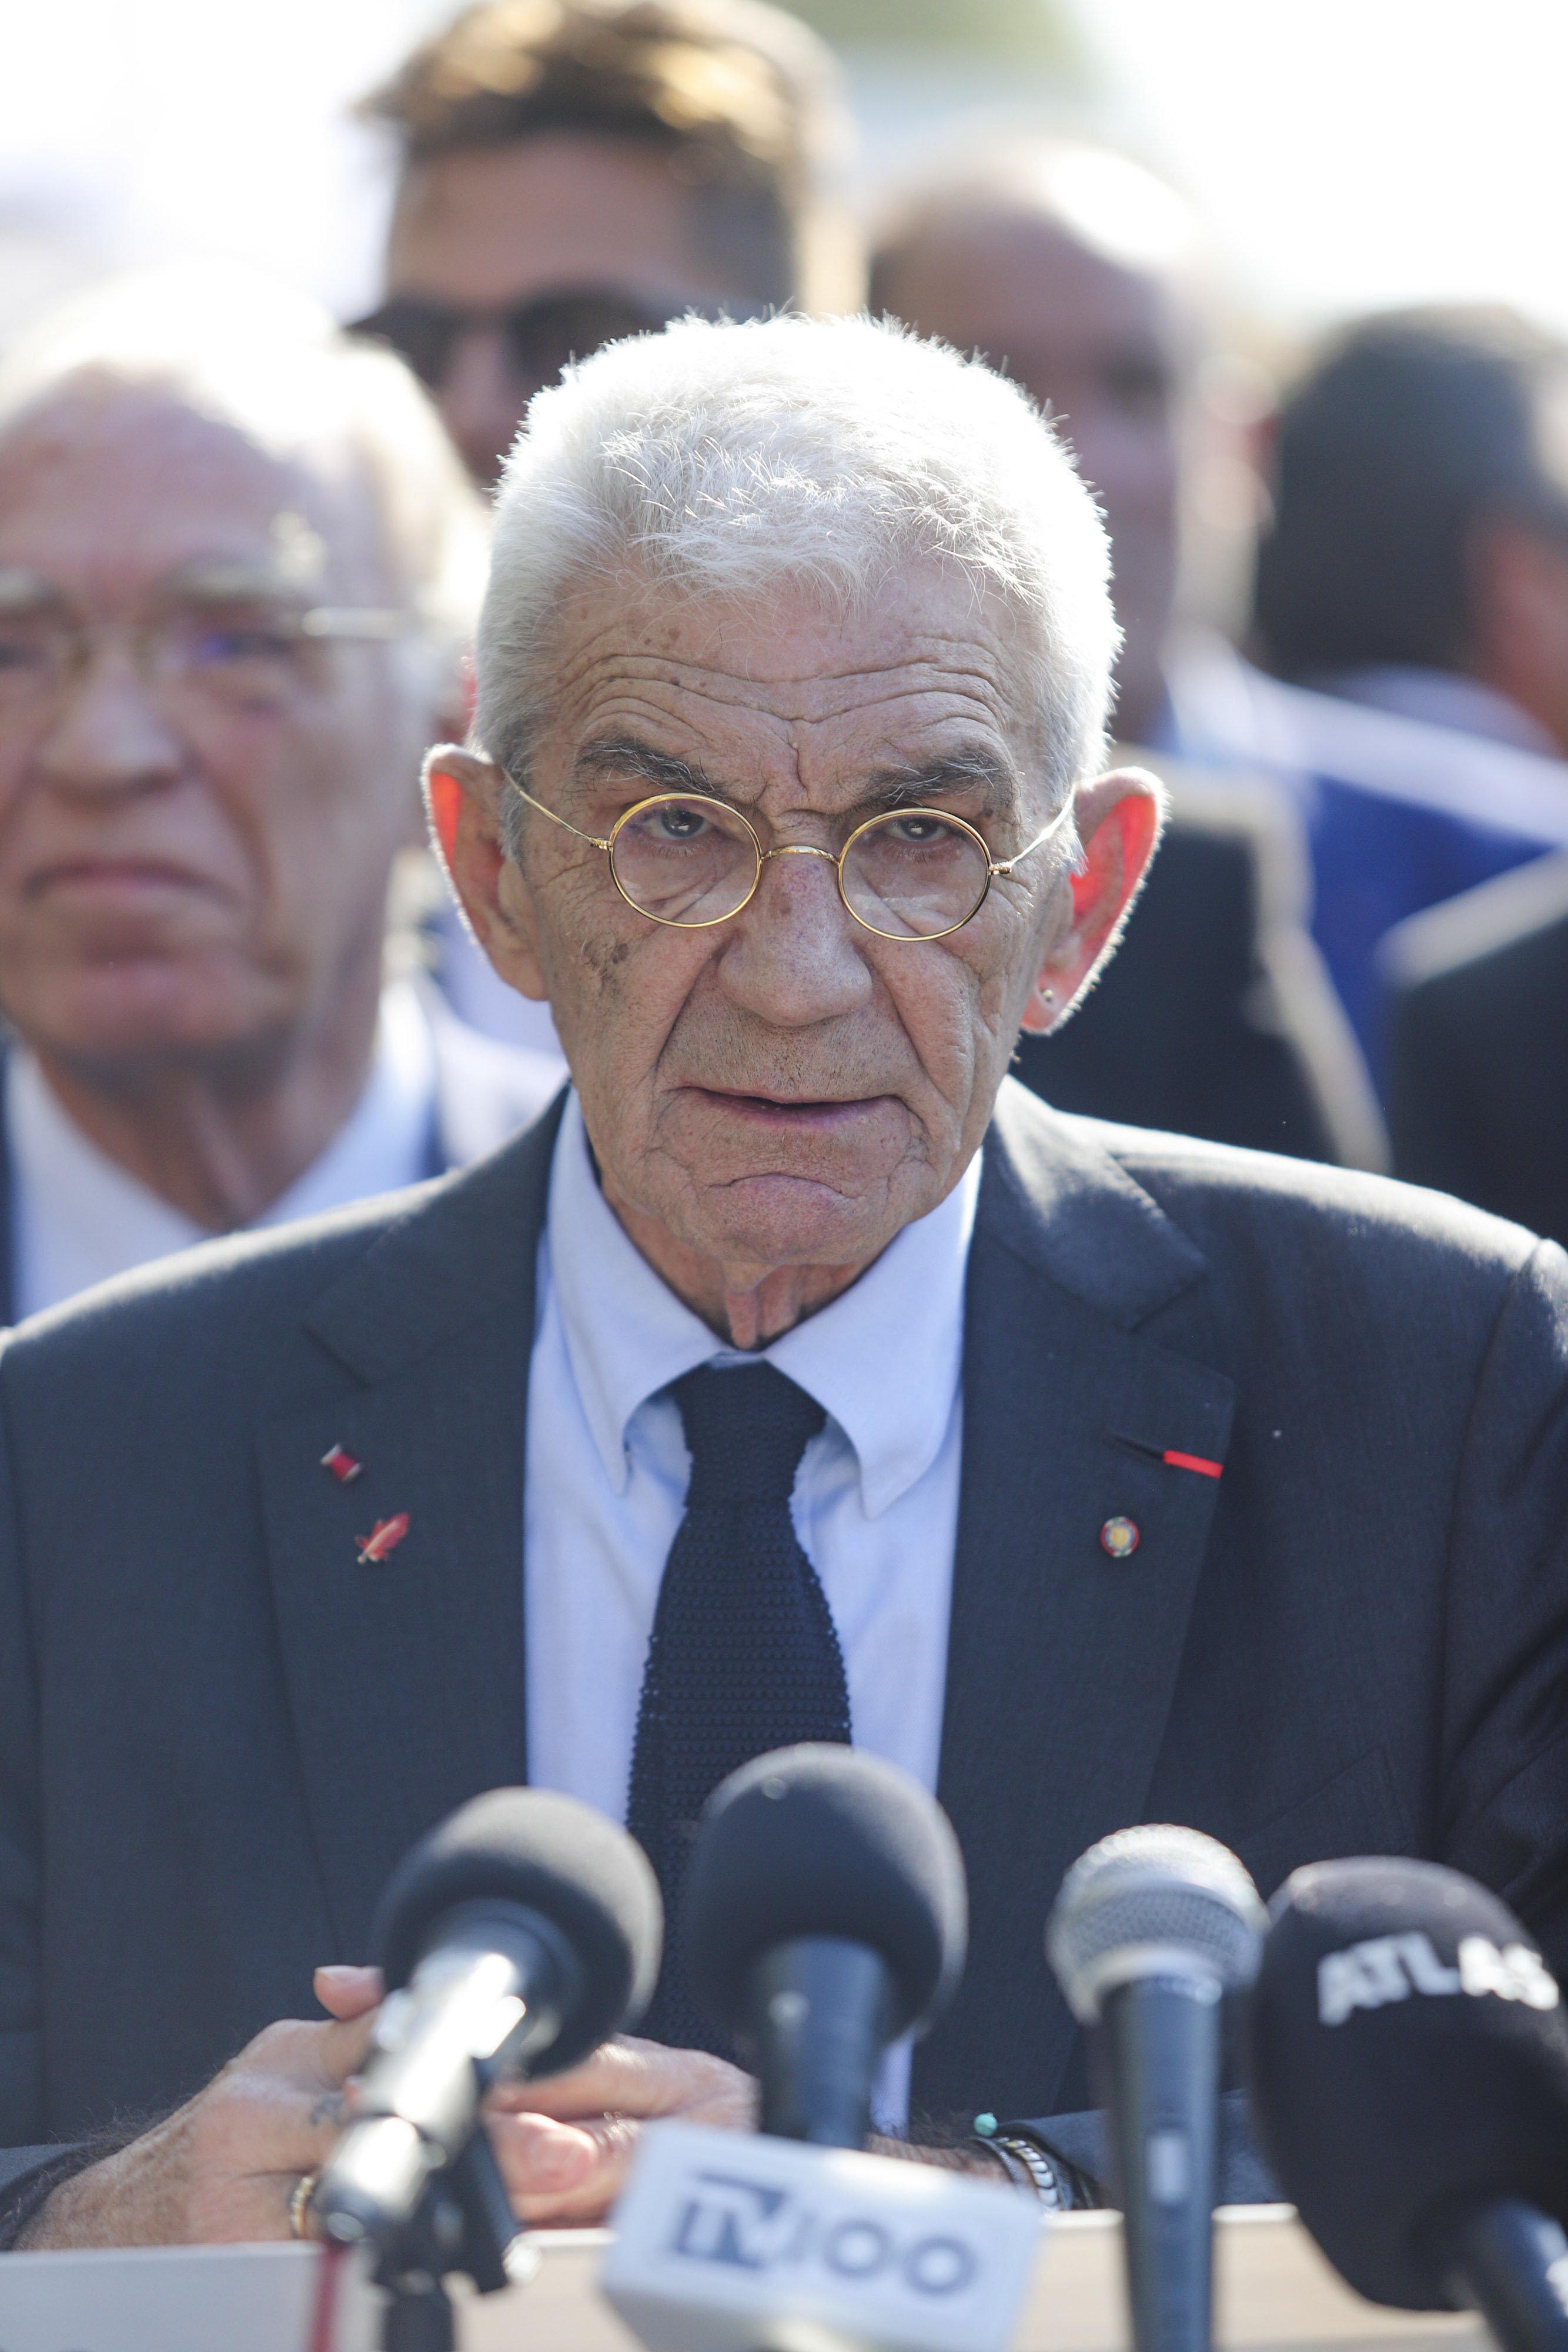 Η Θεσσαλονίκη γούσταρε τον Γιάννη Μπουτάρη ως Δήμαρχο. Όσοι δεν γούσταραν...